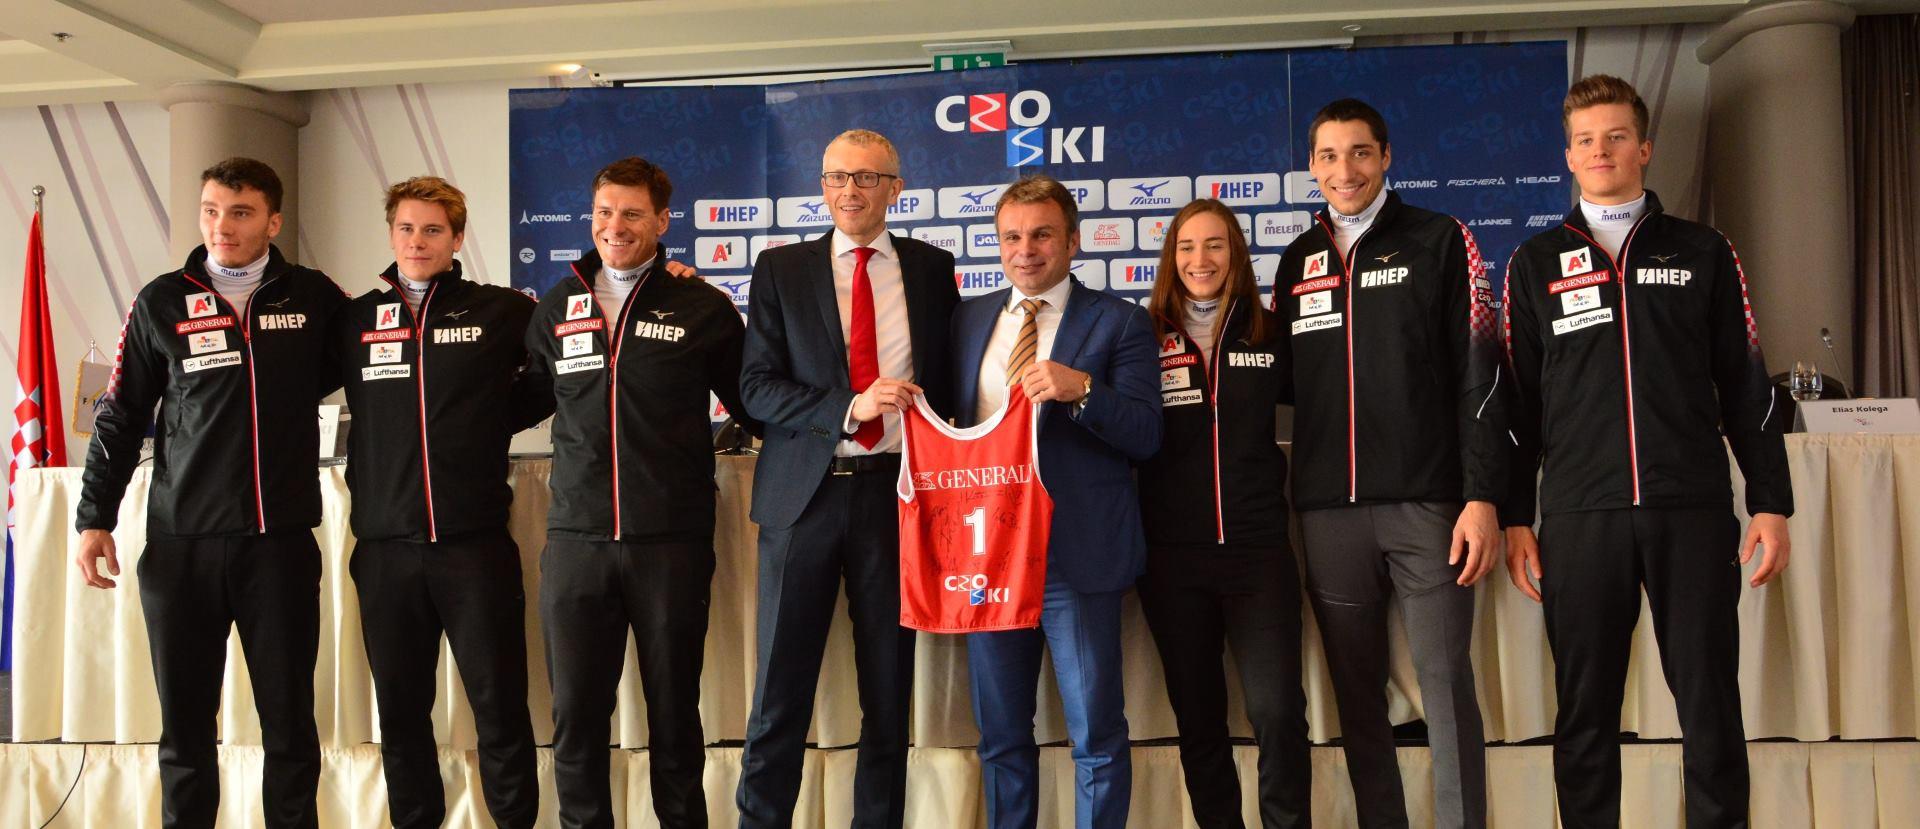 Hrvatski skijaški savez u novu sezonu s novim glavnim sponzorom